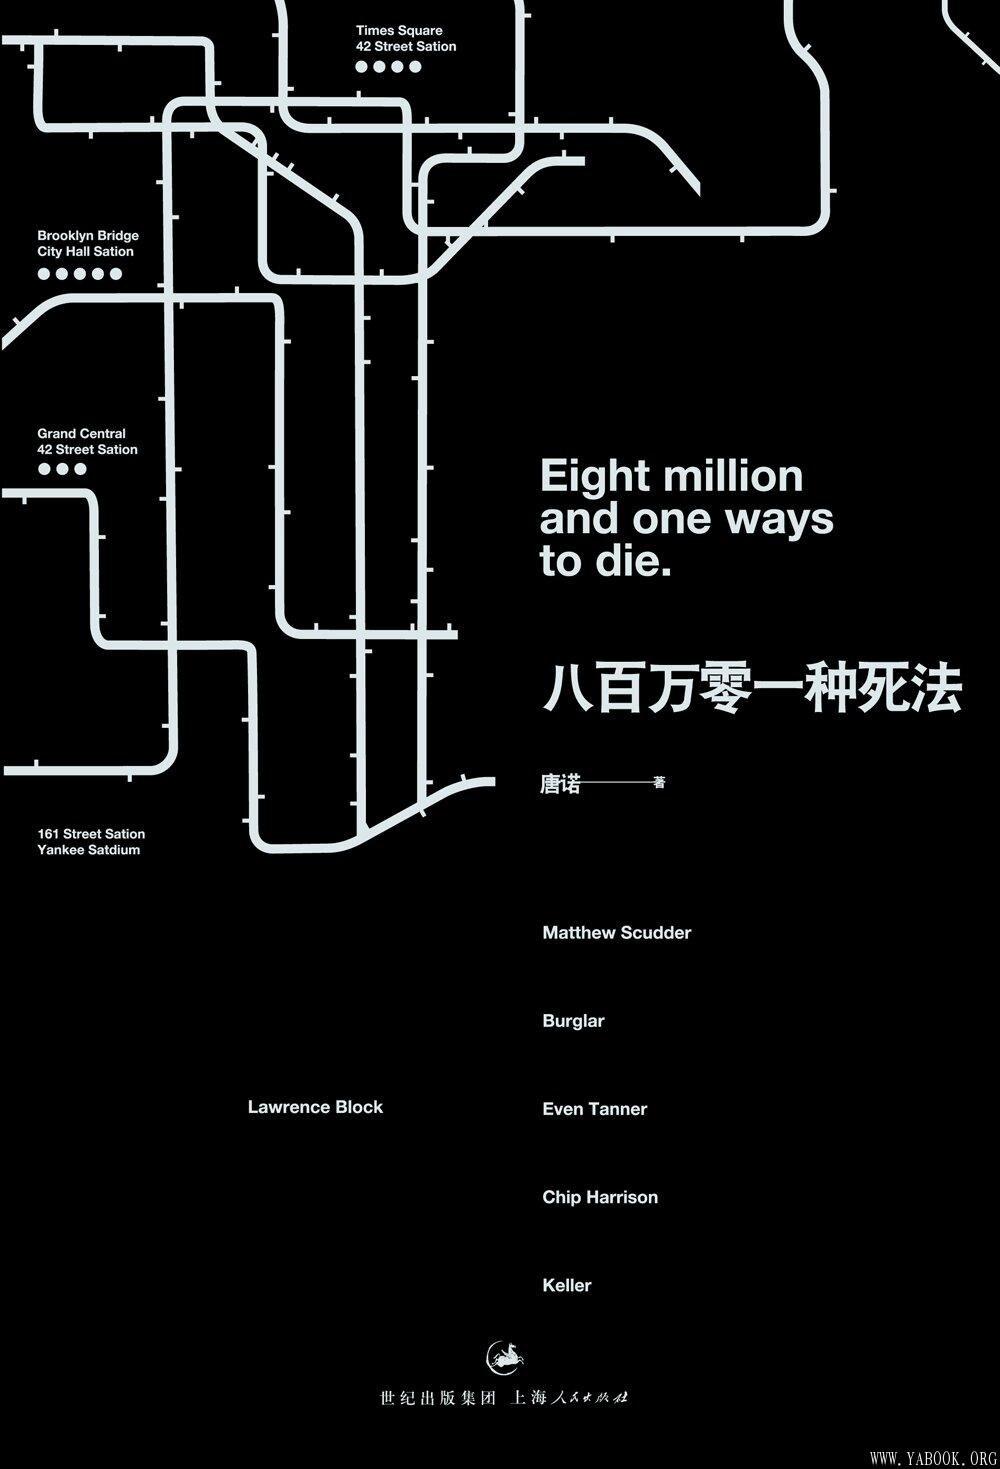 《八百万零一种死法》封面图片